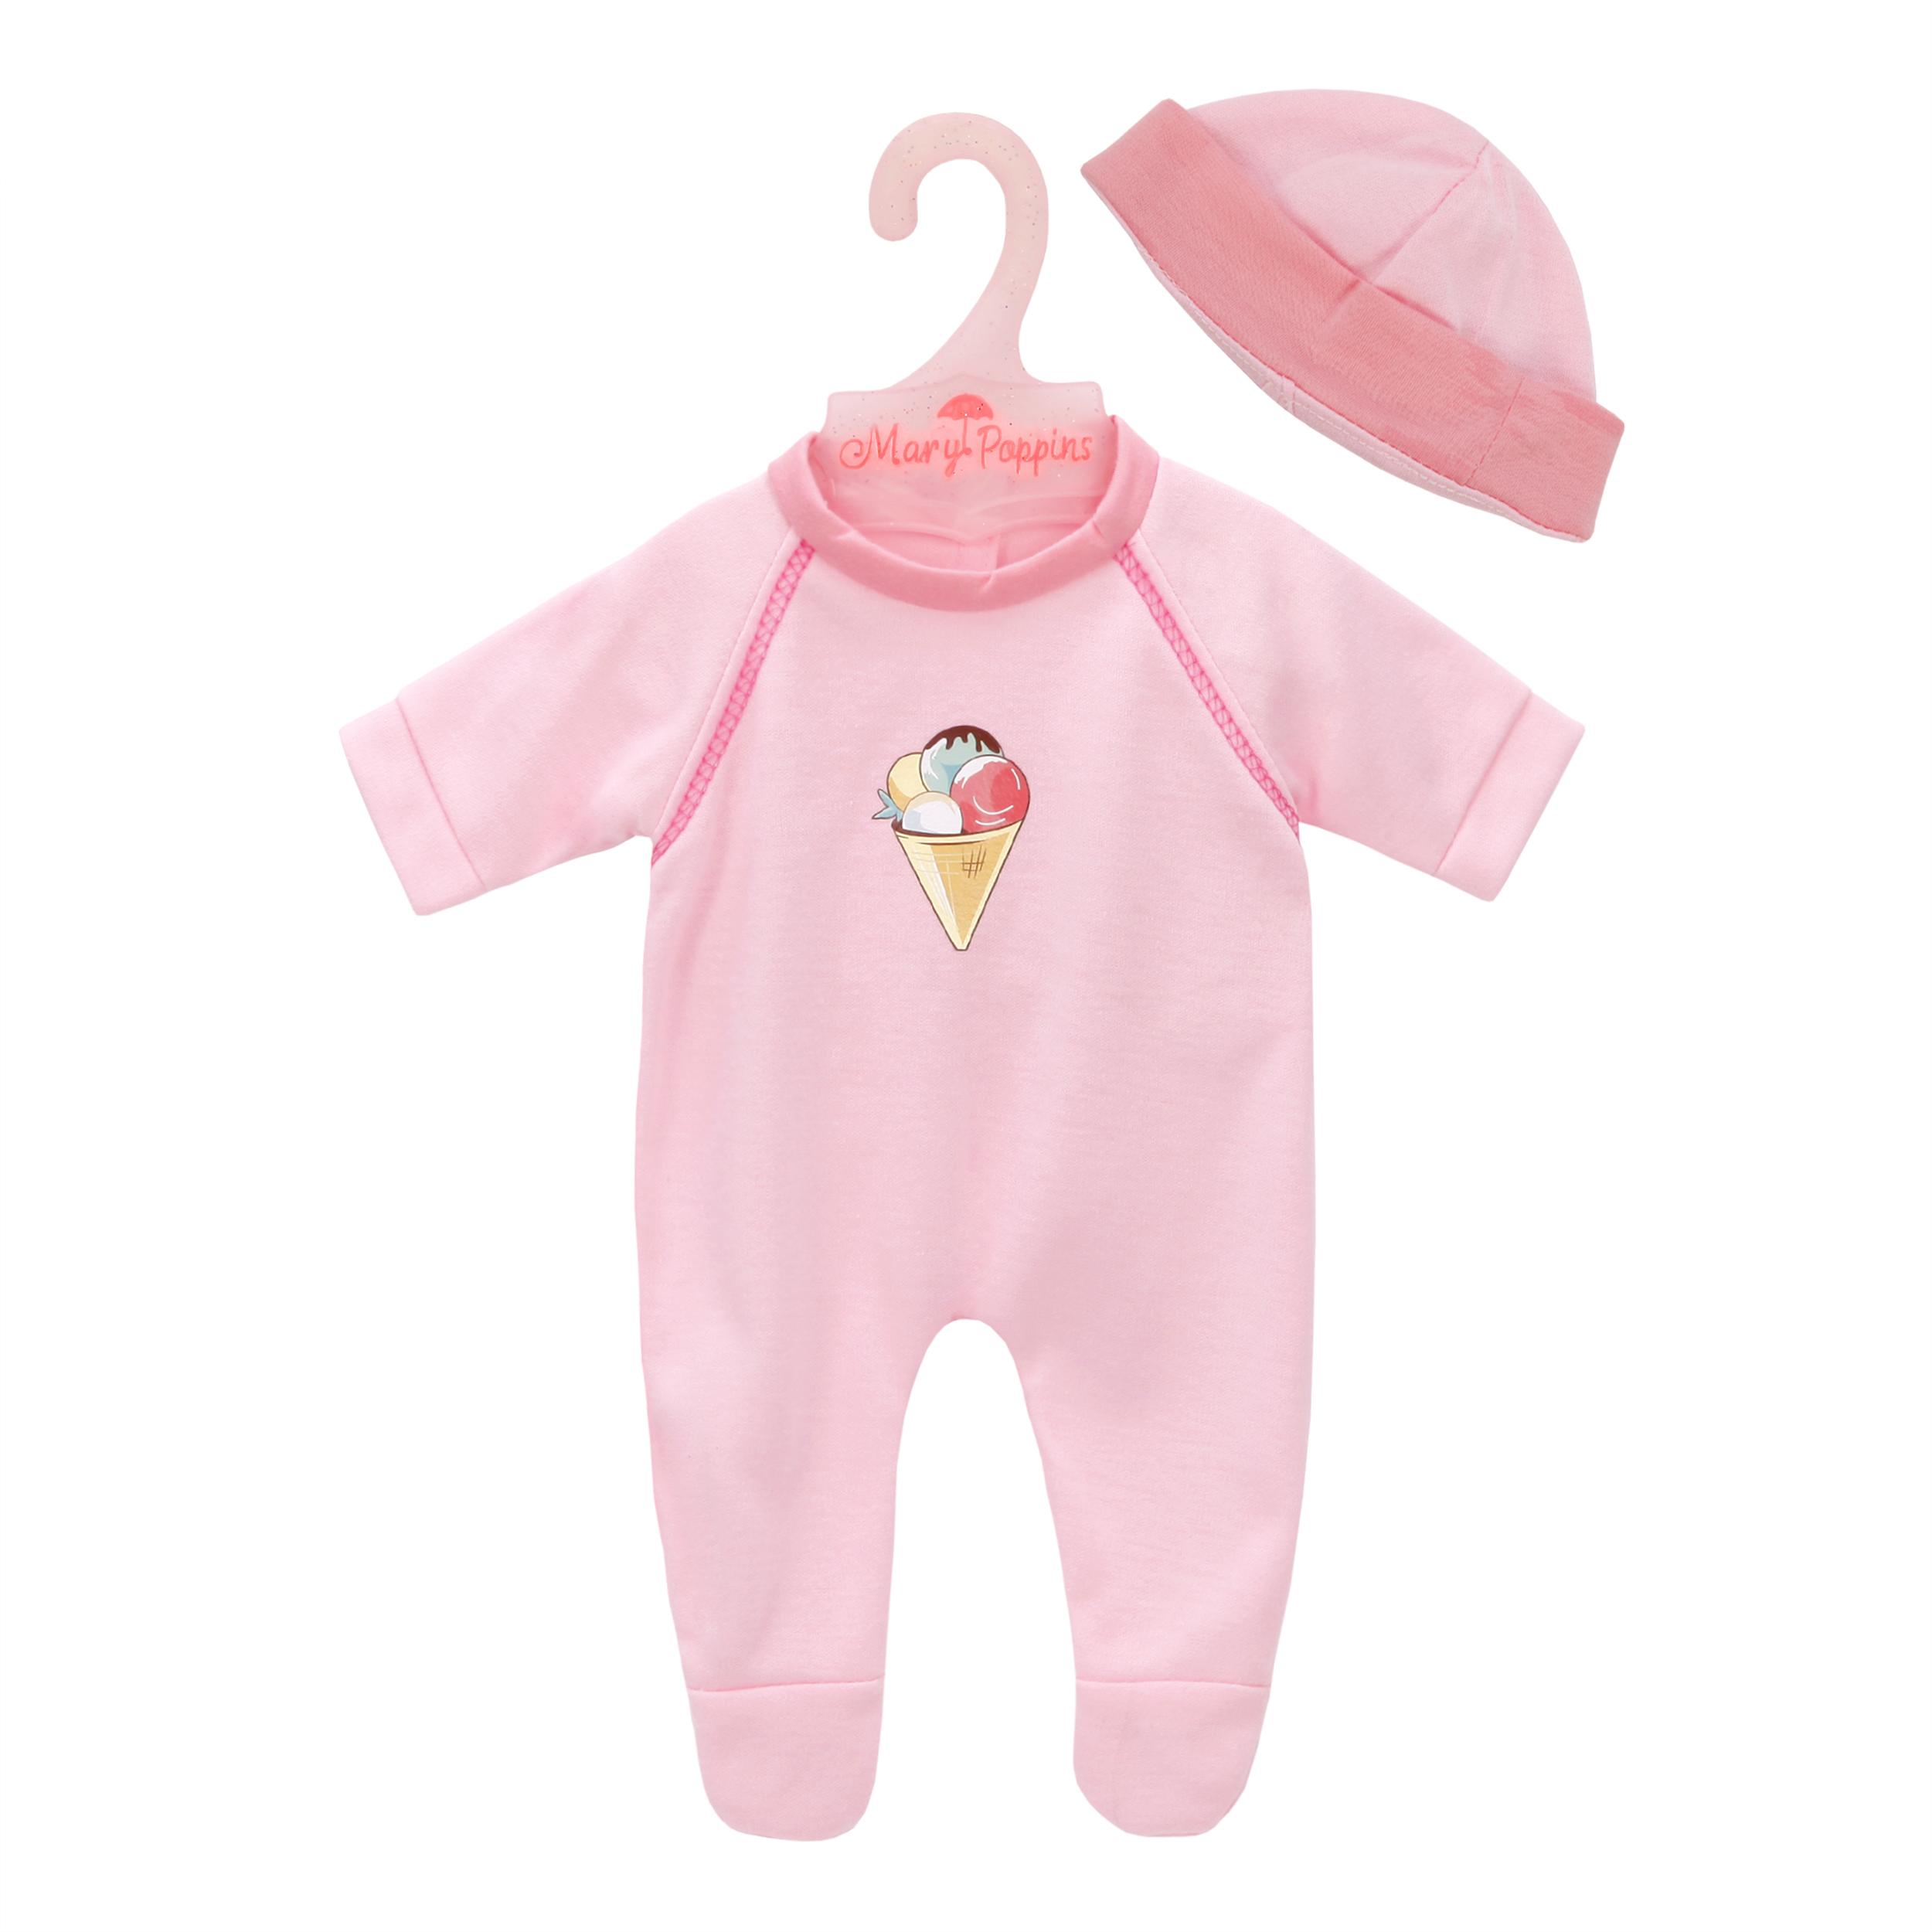 Одежда для кукол Mary Poppins Комбинезон с шапочкой. Карамель mary poppins одежда для кукол комбинезон и повязка